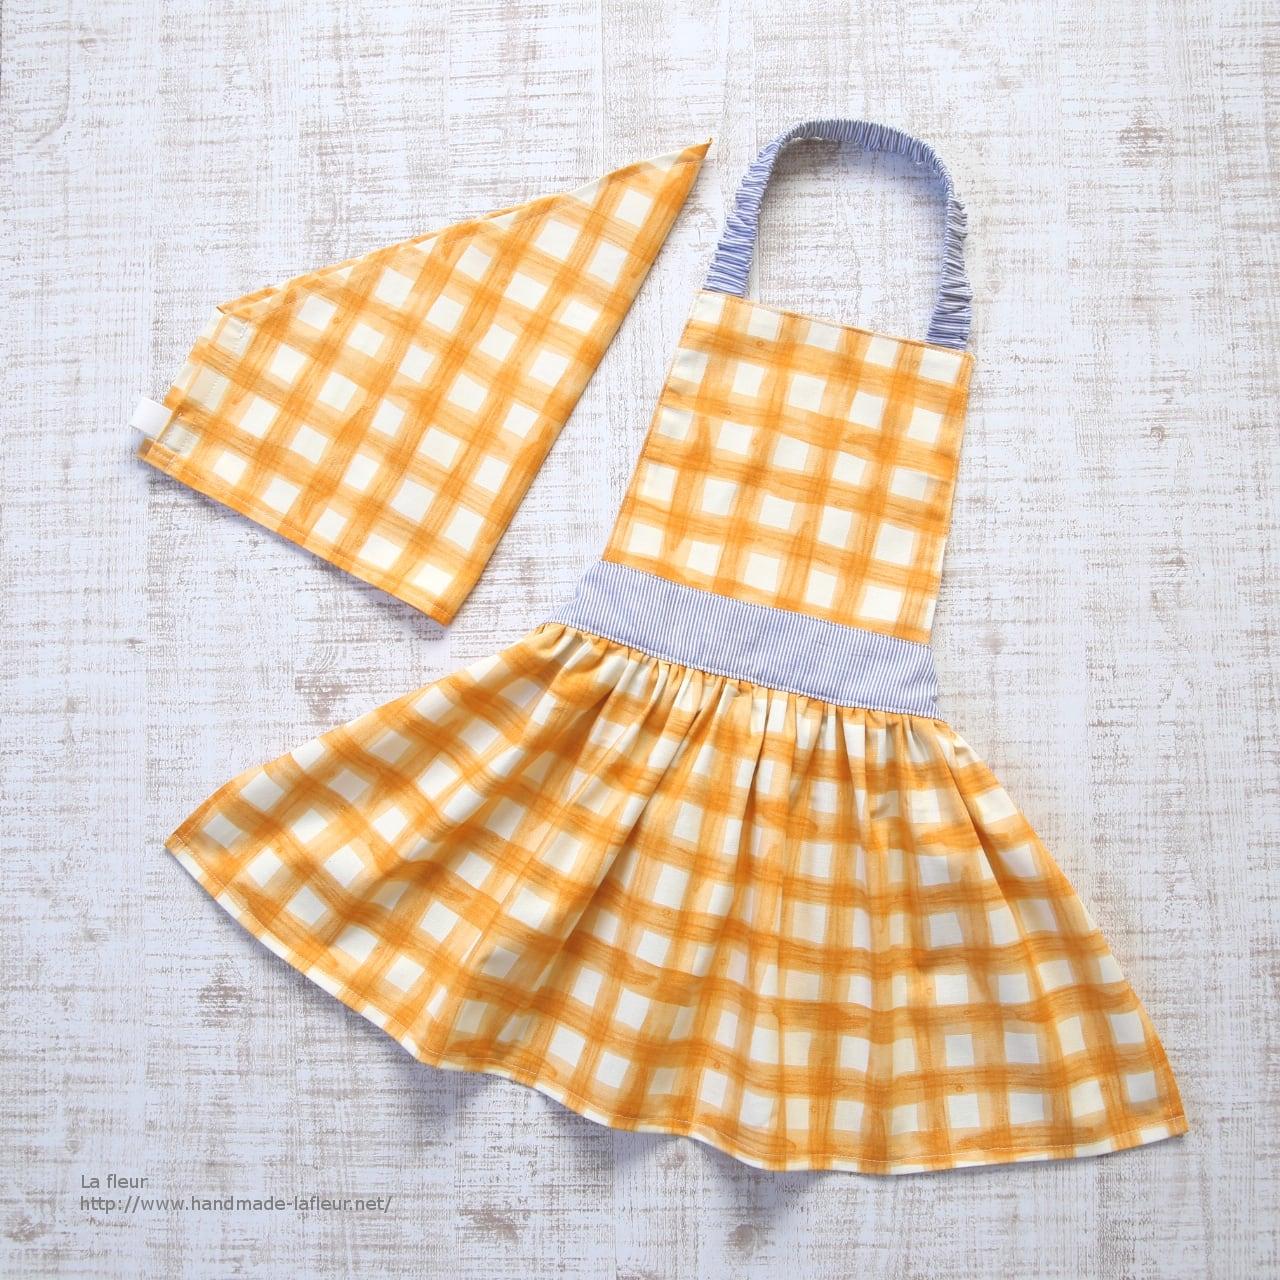 【100-120】キッズエプロン・三角巾セット オレンジチェック水彩 女の子用ギャザーエプロン/La fleur